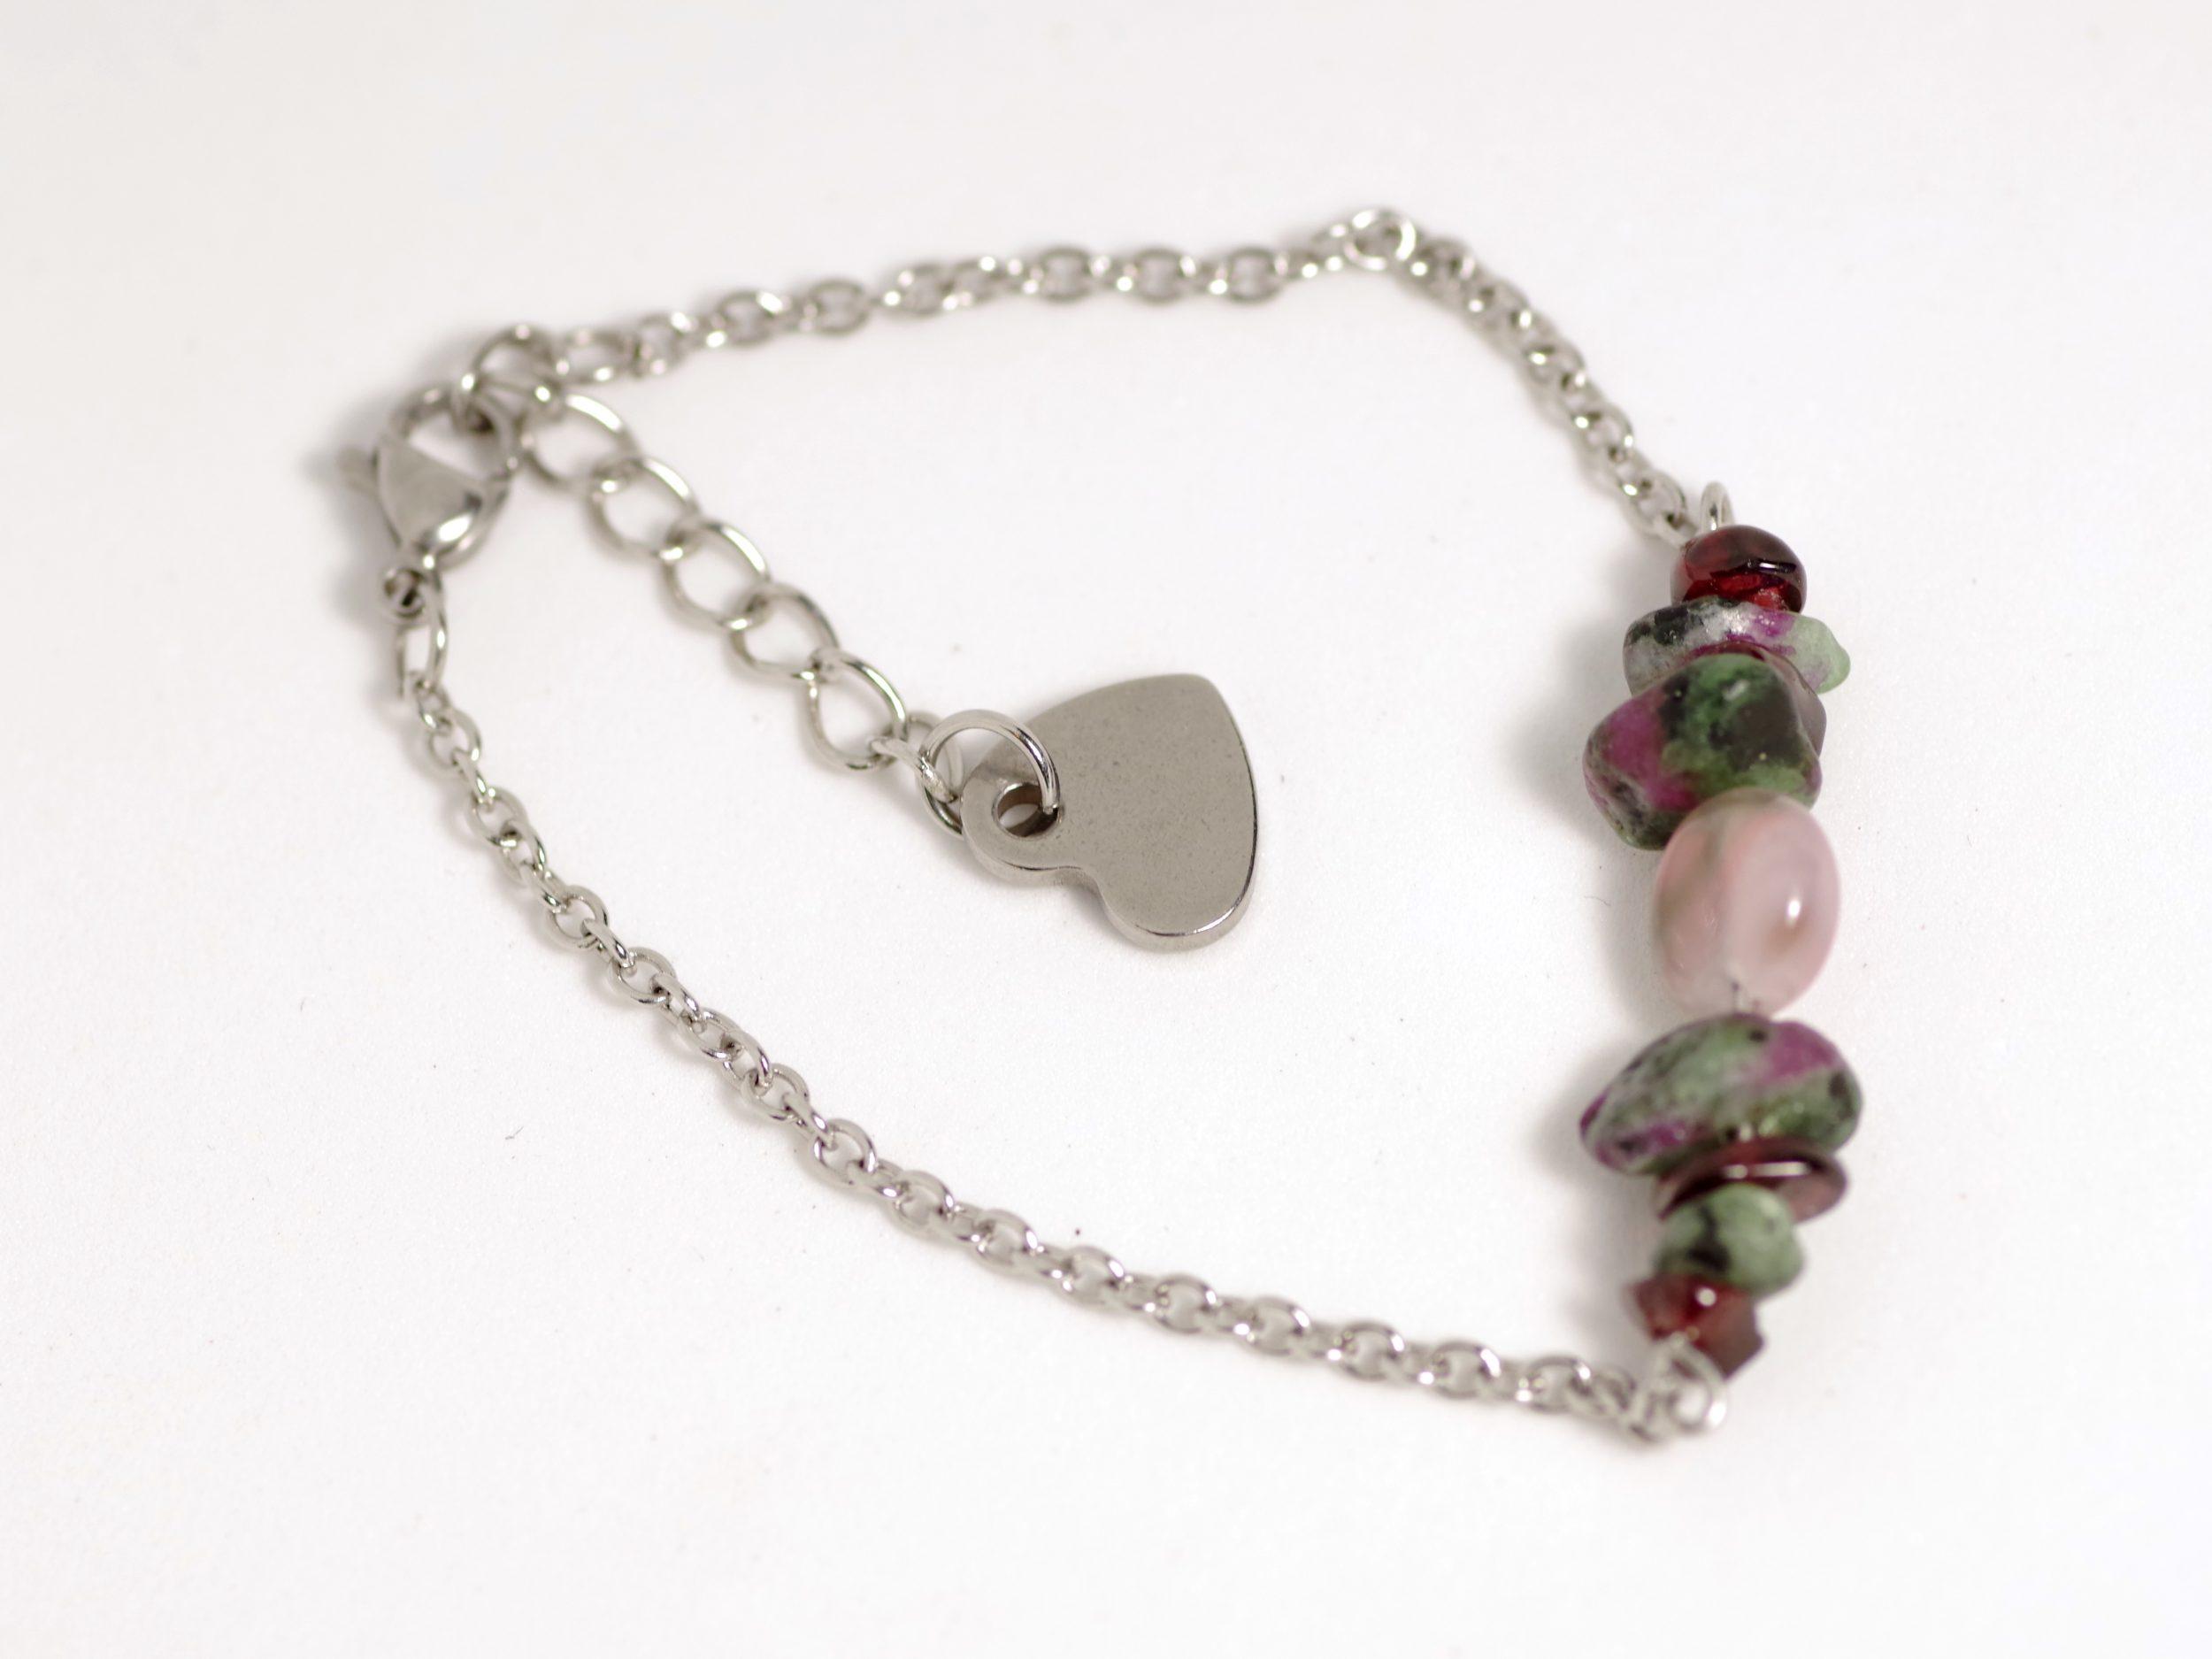 bracelet avec une chaîne en inox, quelques pierres rouges, roses, vertes et un coeur en inox au bout du fermoir réglable